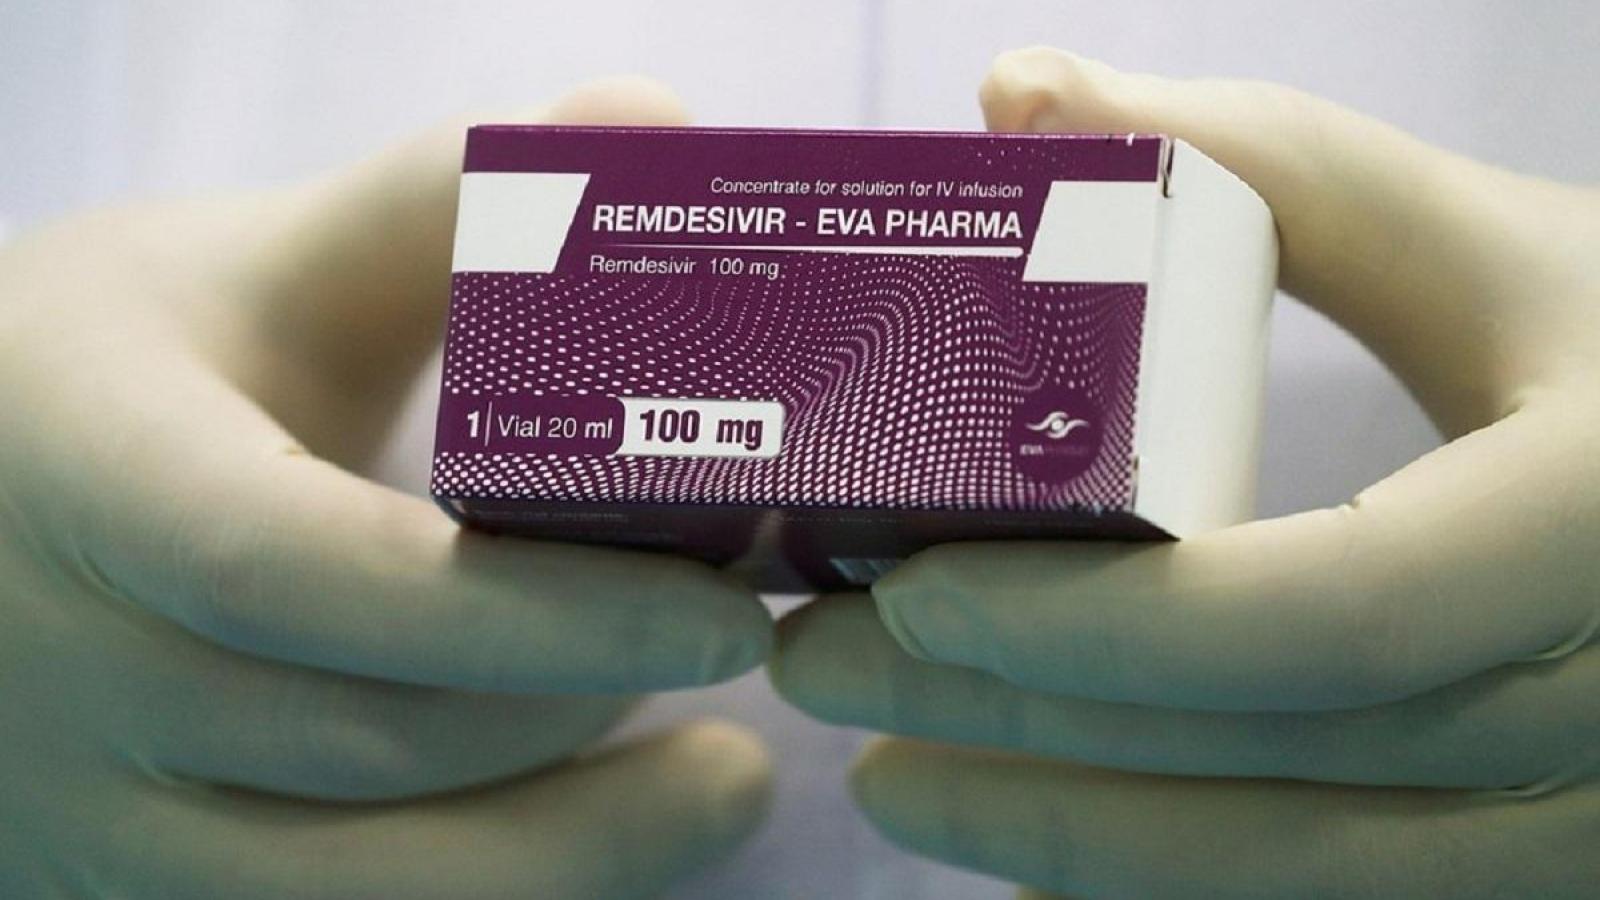 Bộ Y tế phân bổ hơn 103.000 lọ thuốc điều trị COVID-19 Remdesivir cho 33 đơn vị